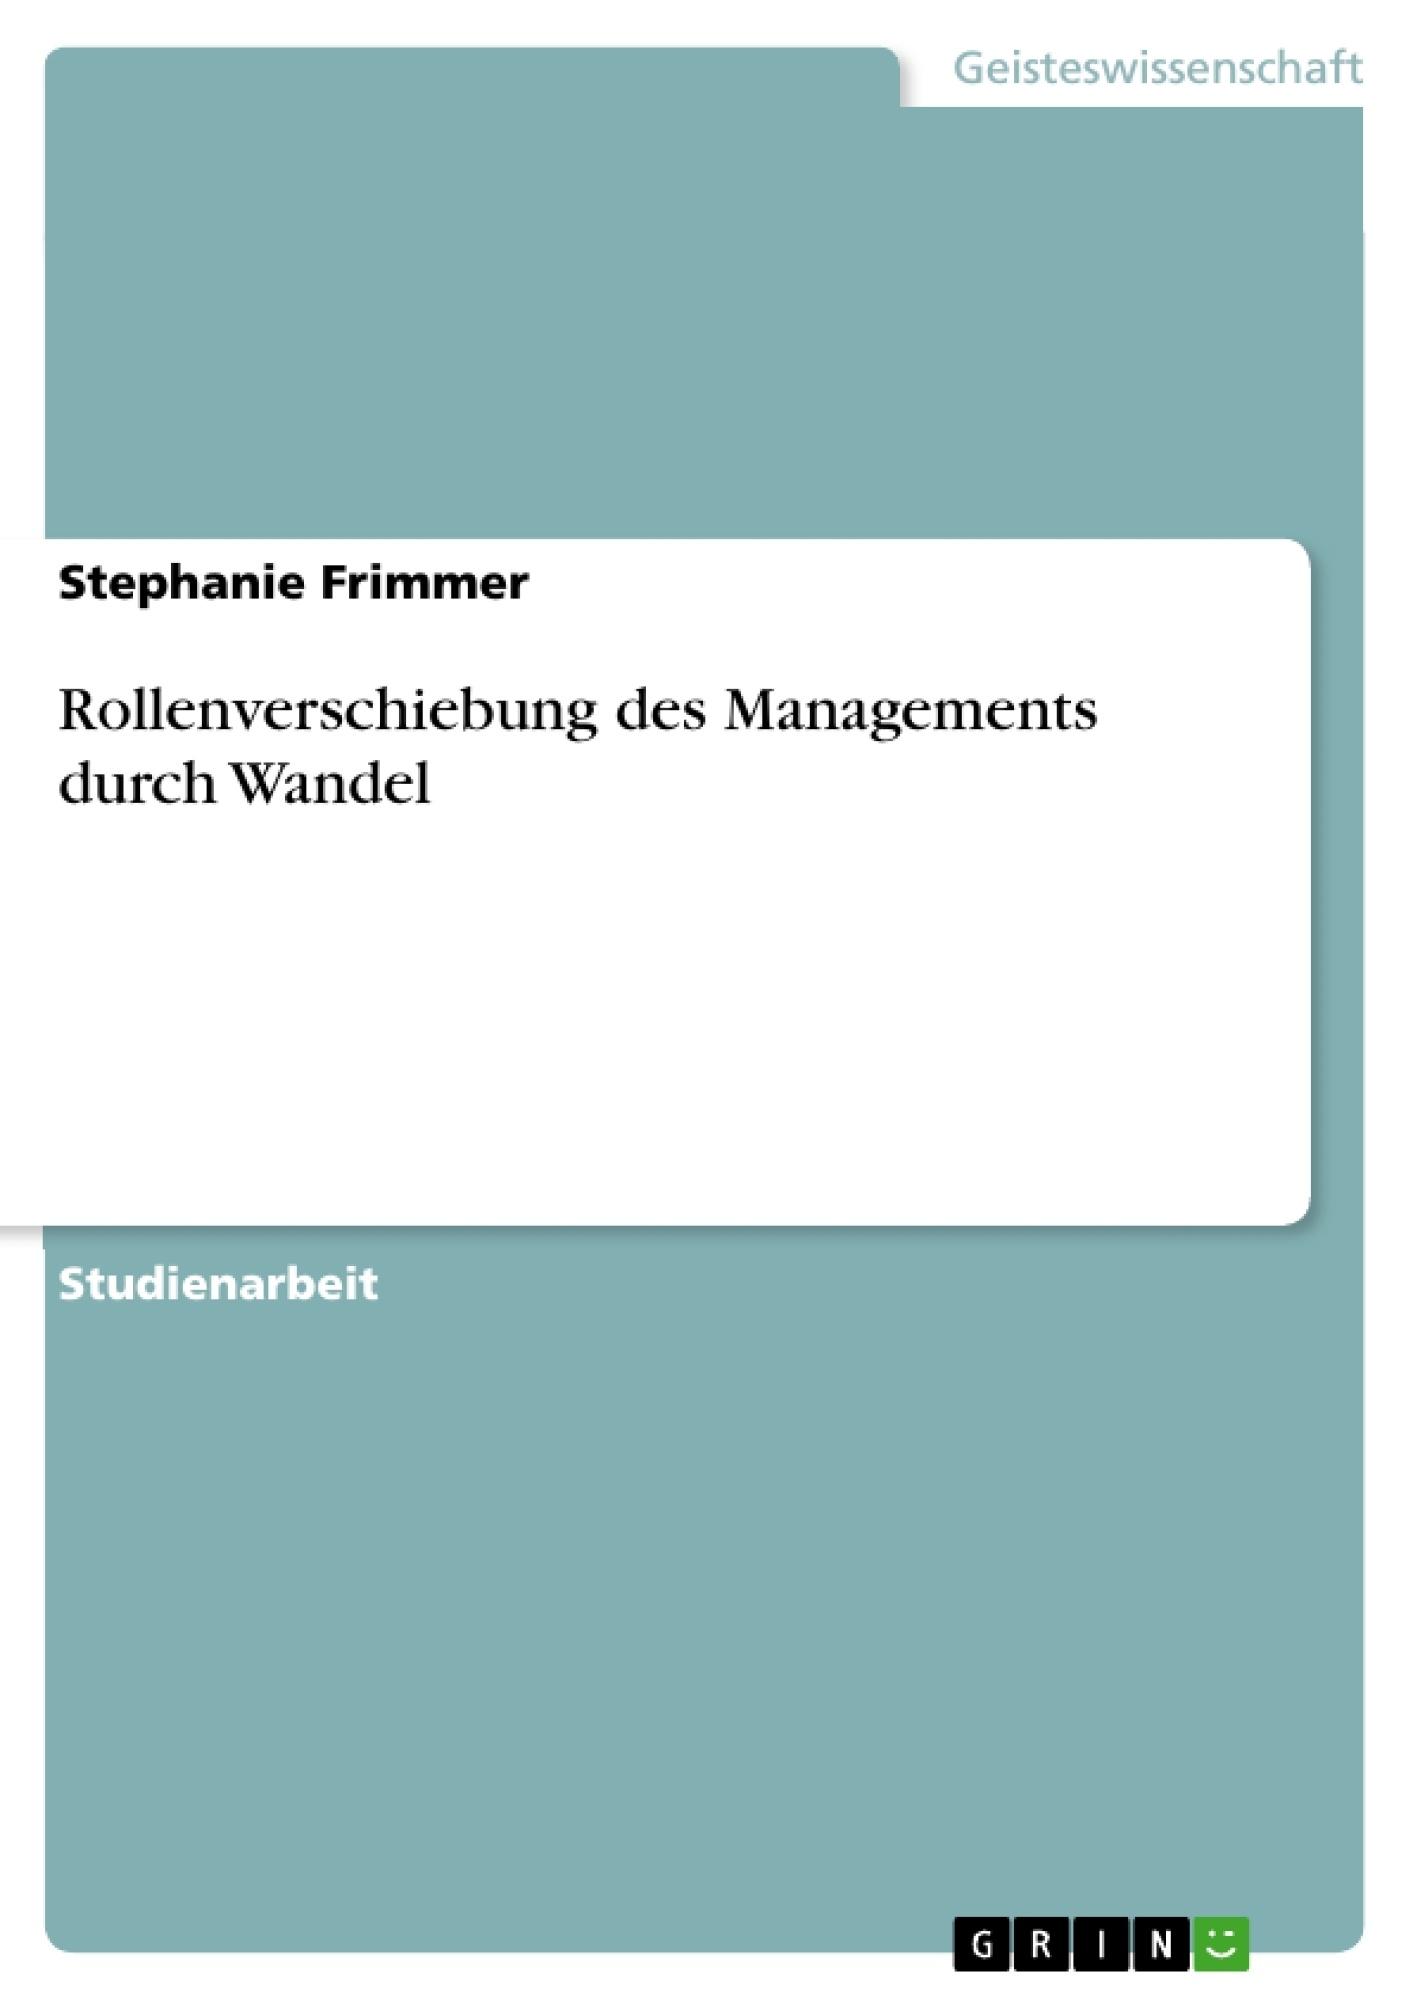 Titel: Rollenverschiebung des Managements durch Wandel